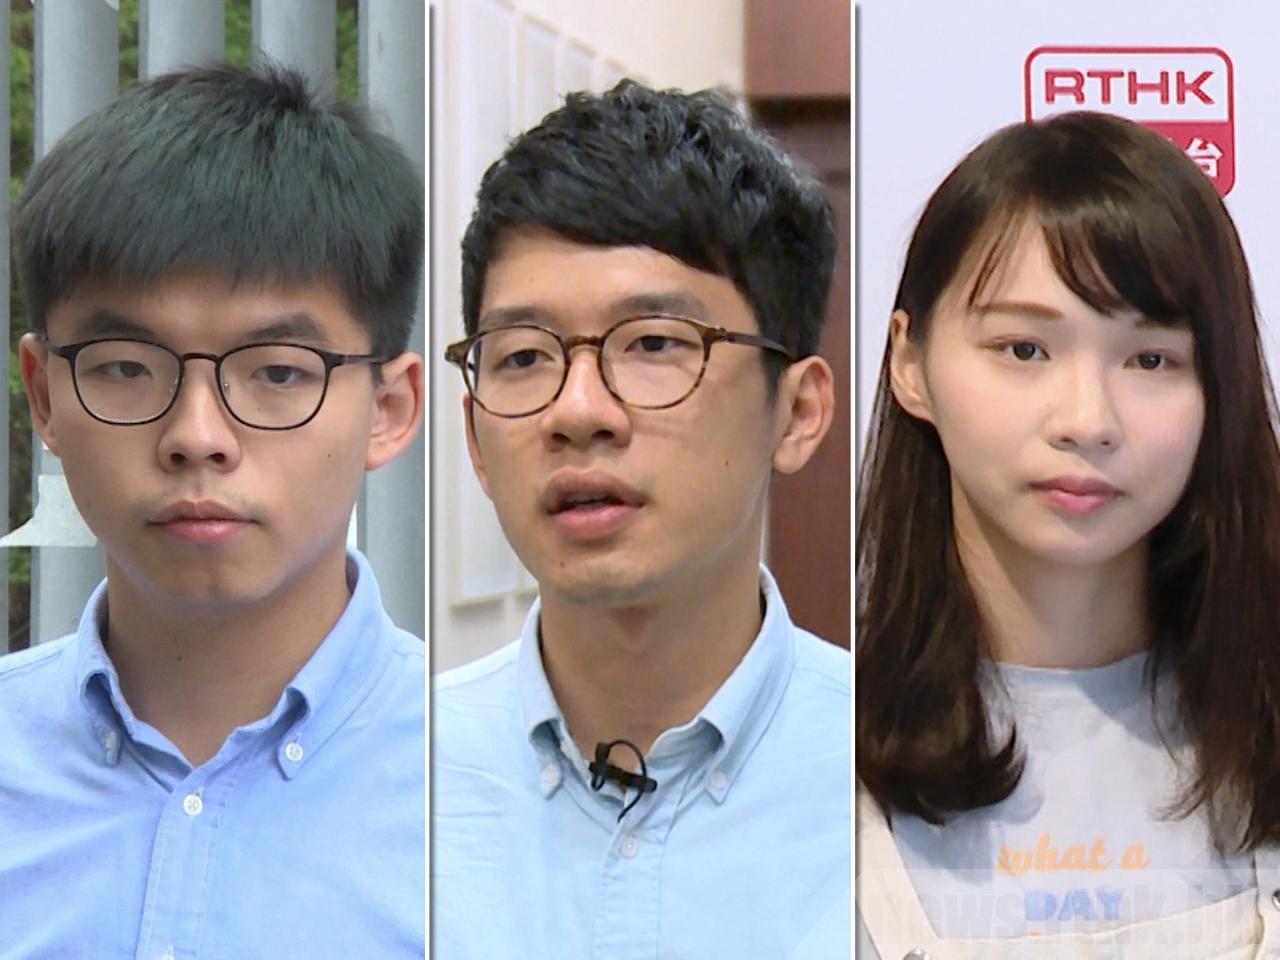 【三明精品】_乱港分子无视香港国安法乞美制裁香港 市民怒斥